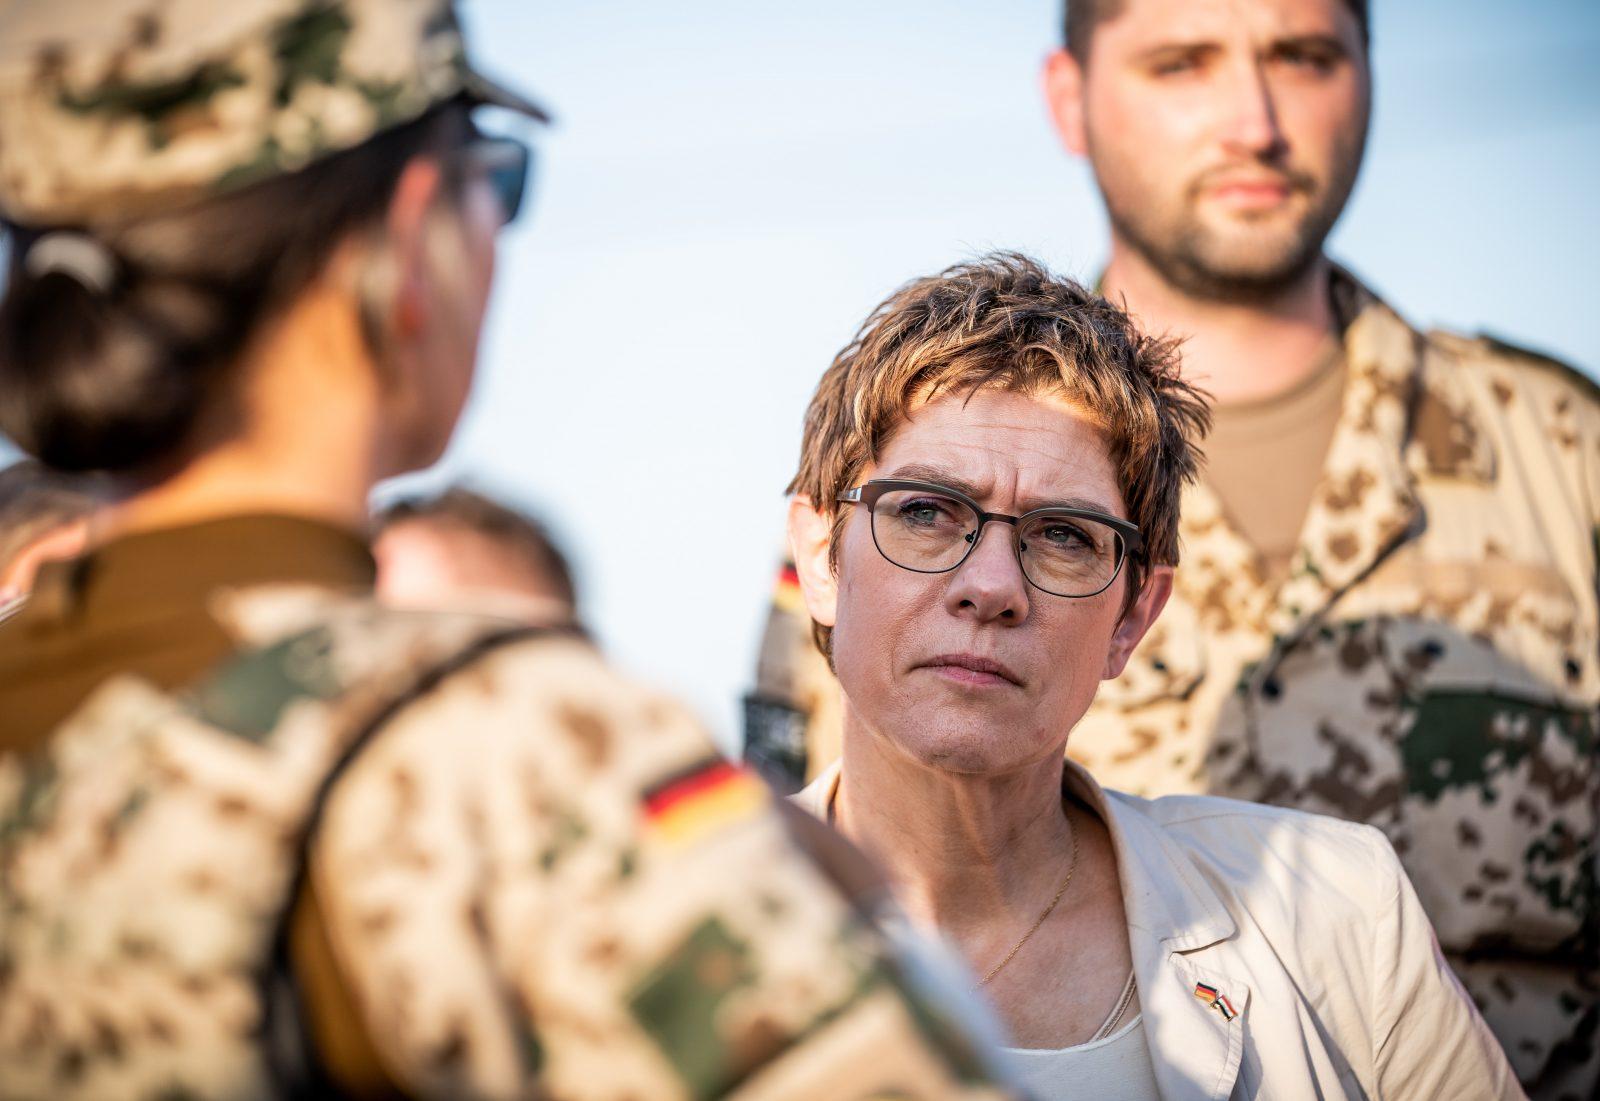 Verteidigungsministerin Annegret Kramp-Karrenbauer (CDU) Foto: picture alliance/Michael Kappeler/dpa